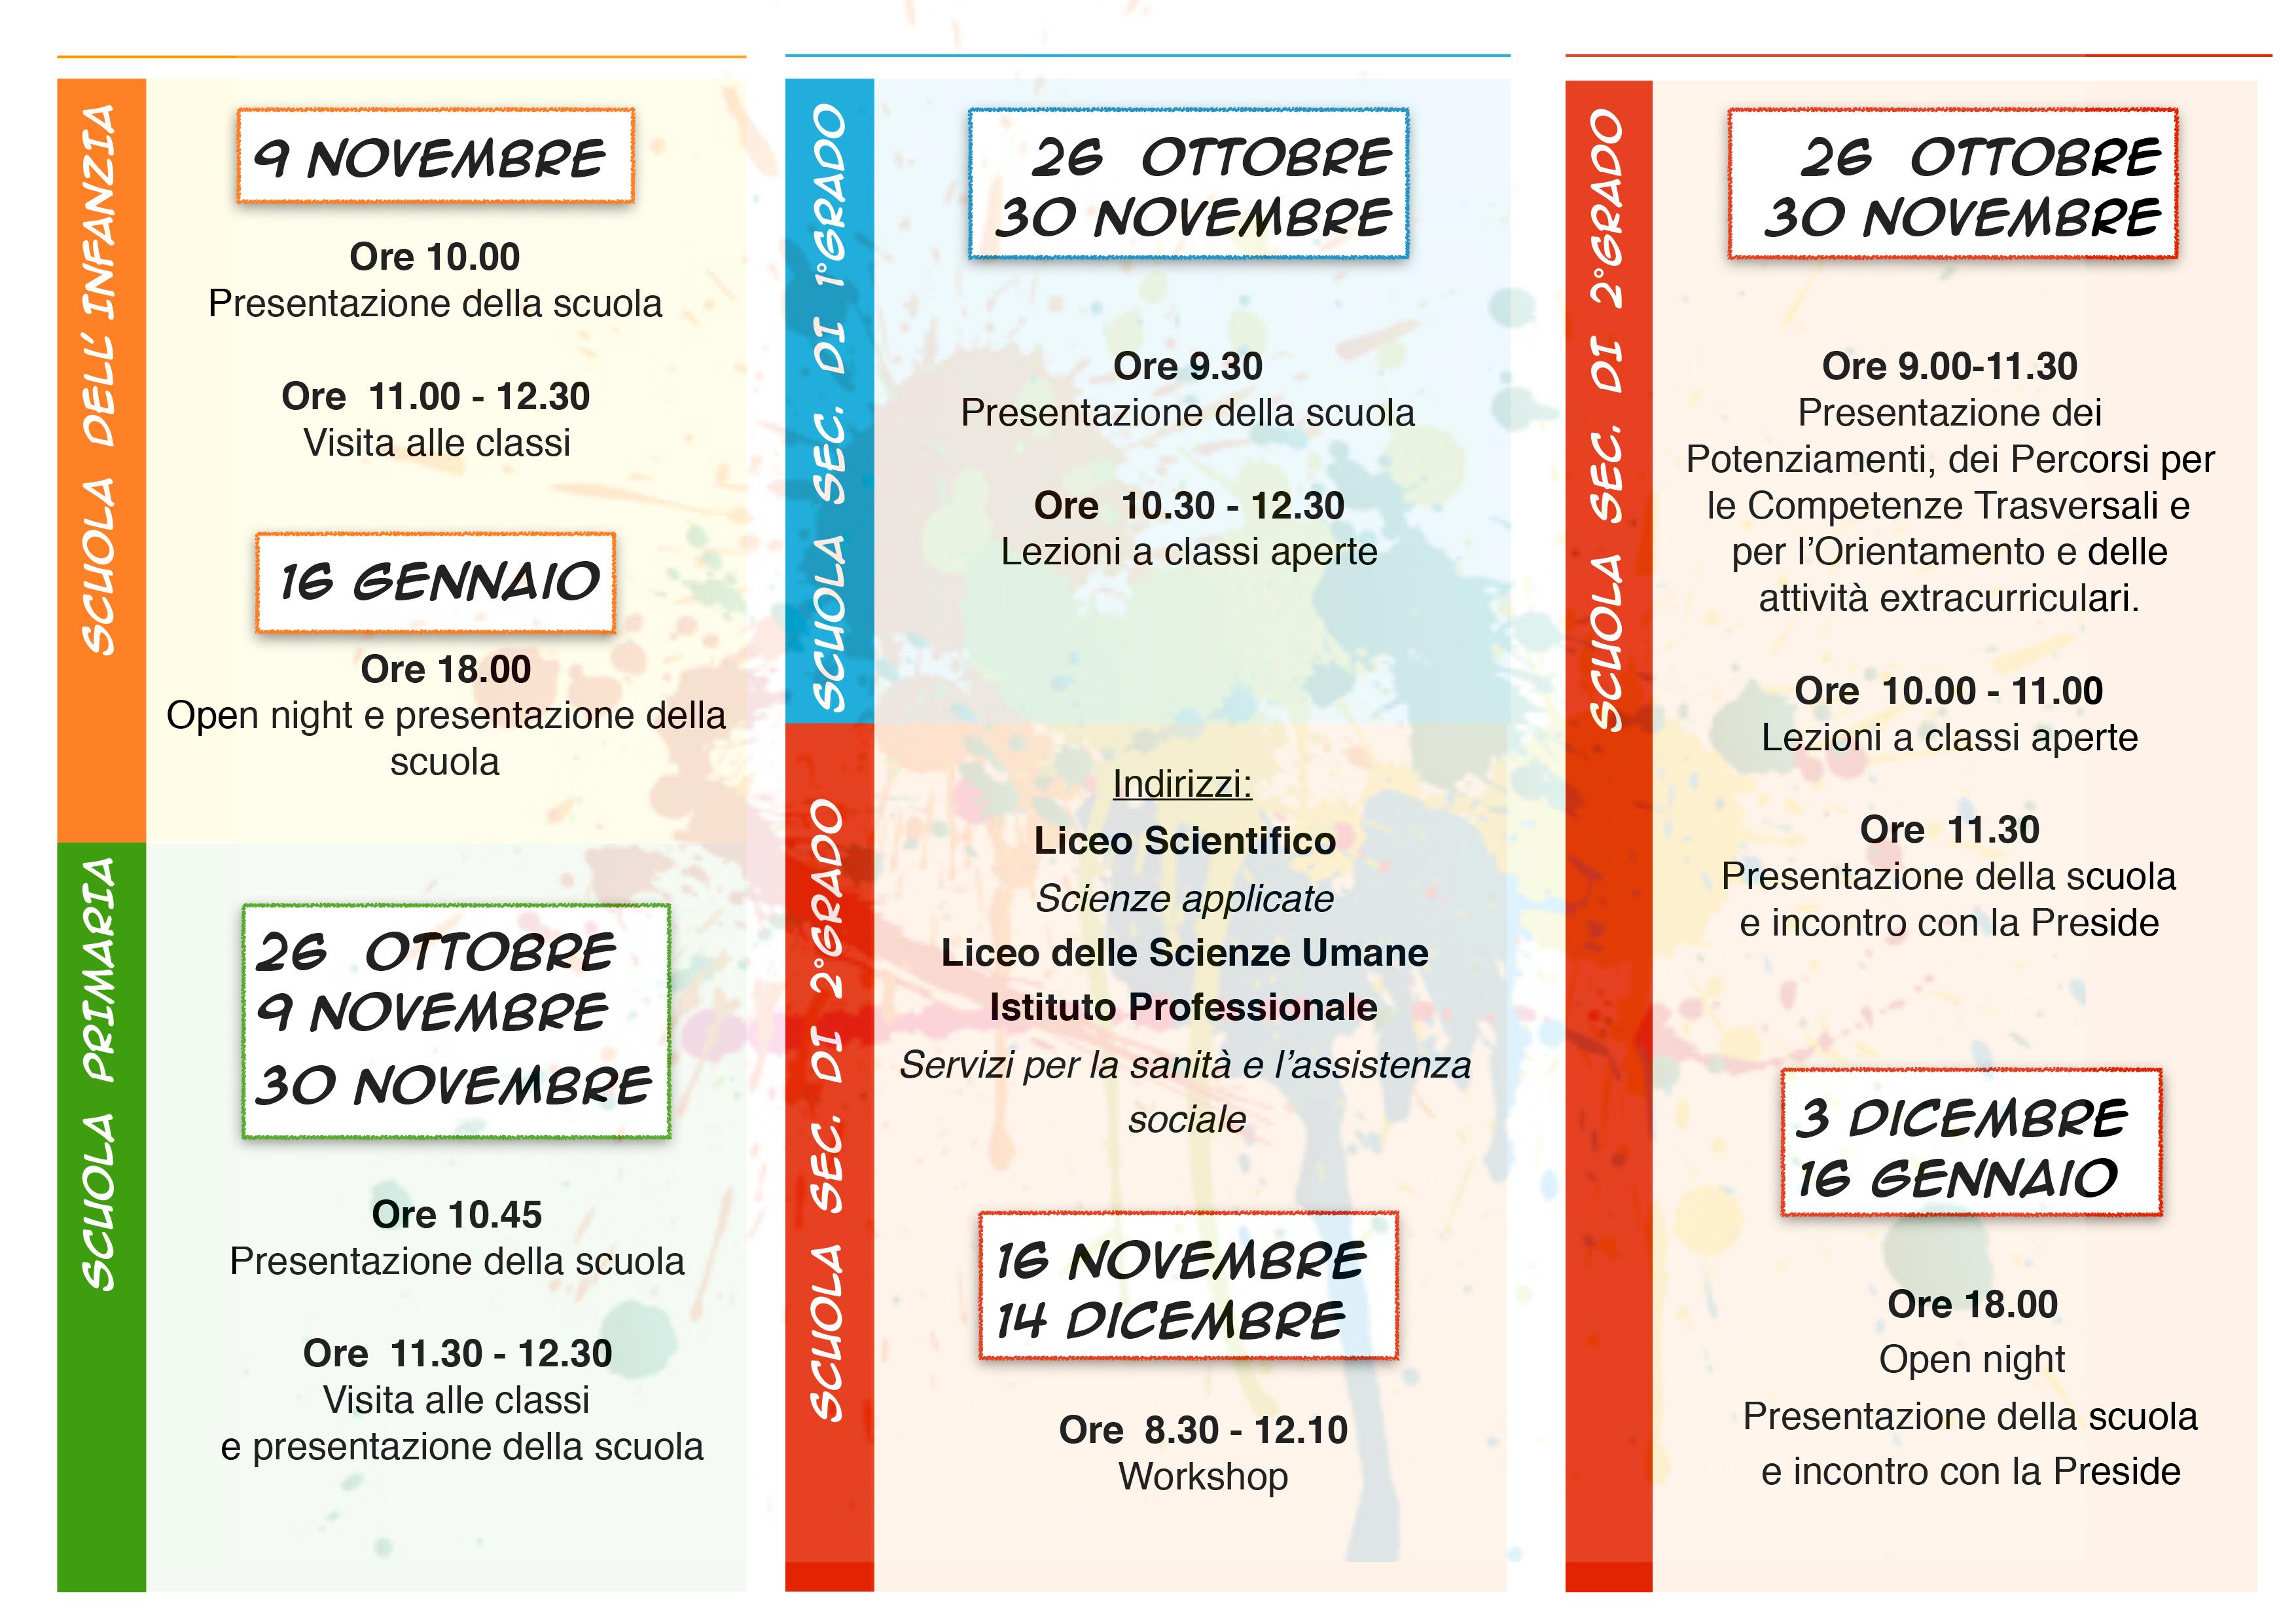 Bozza volantino open day rev 4